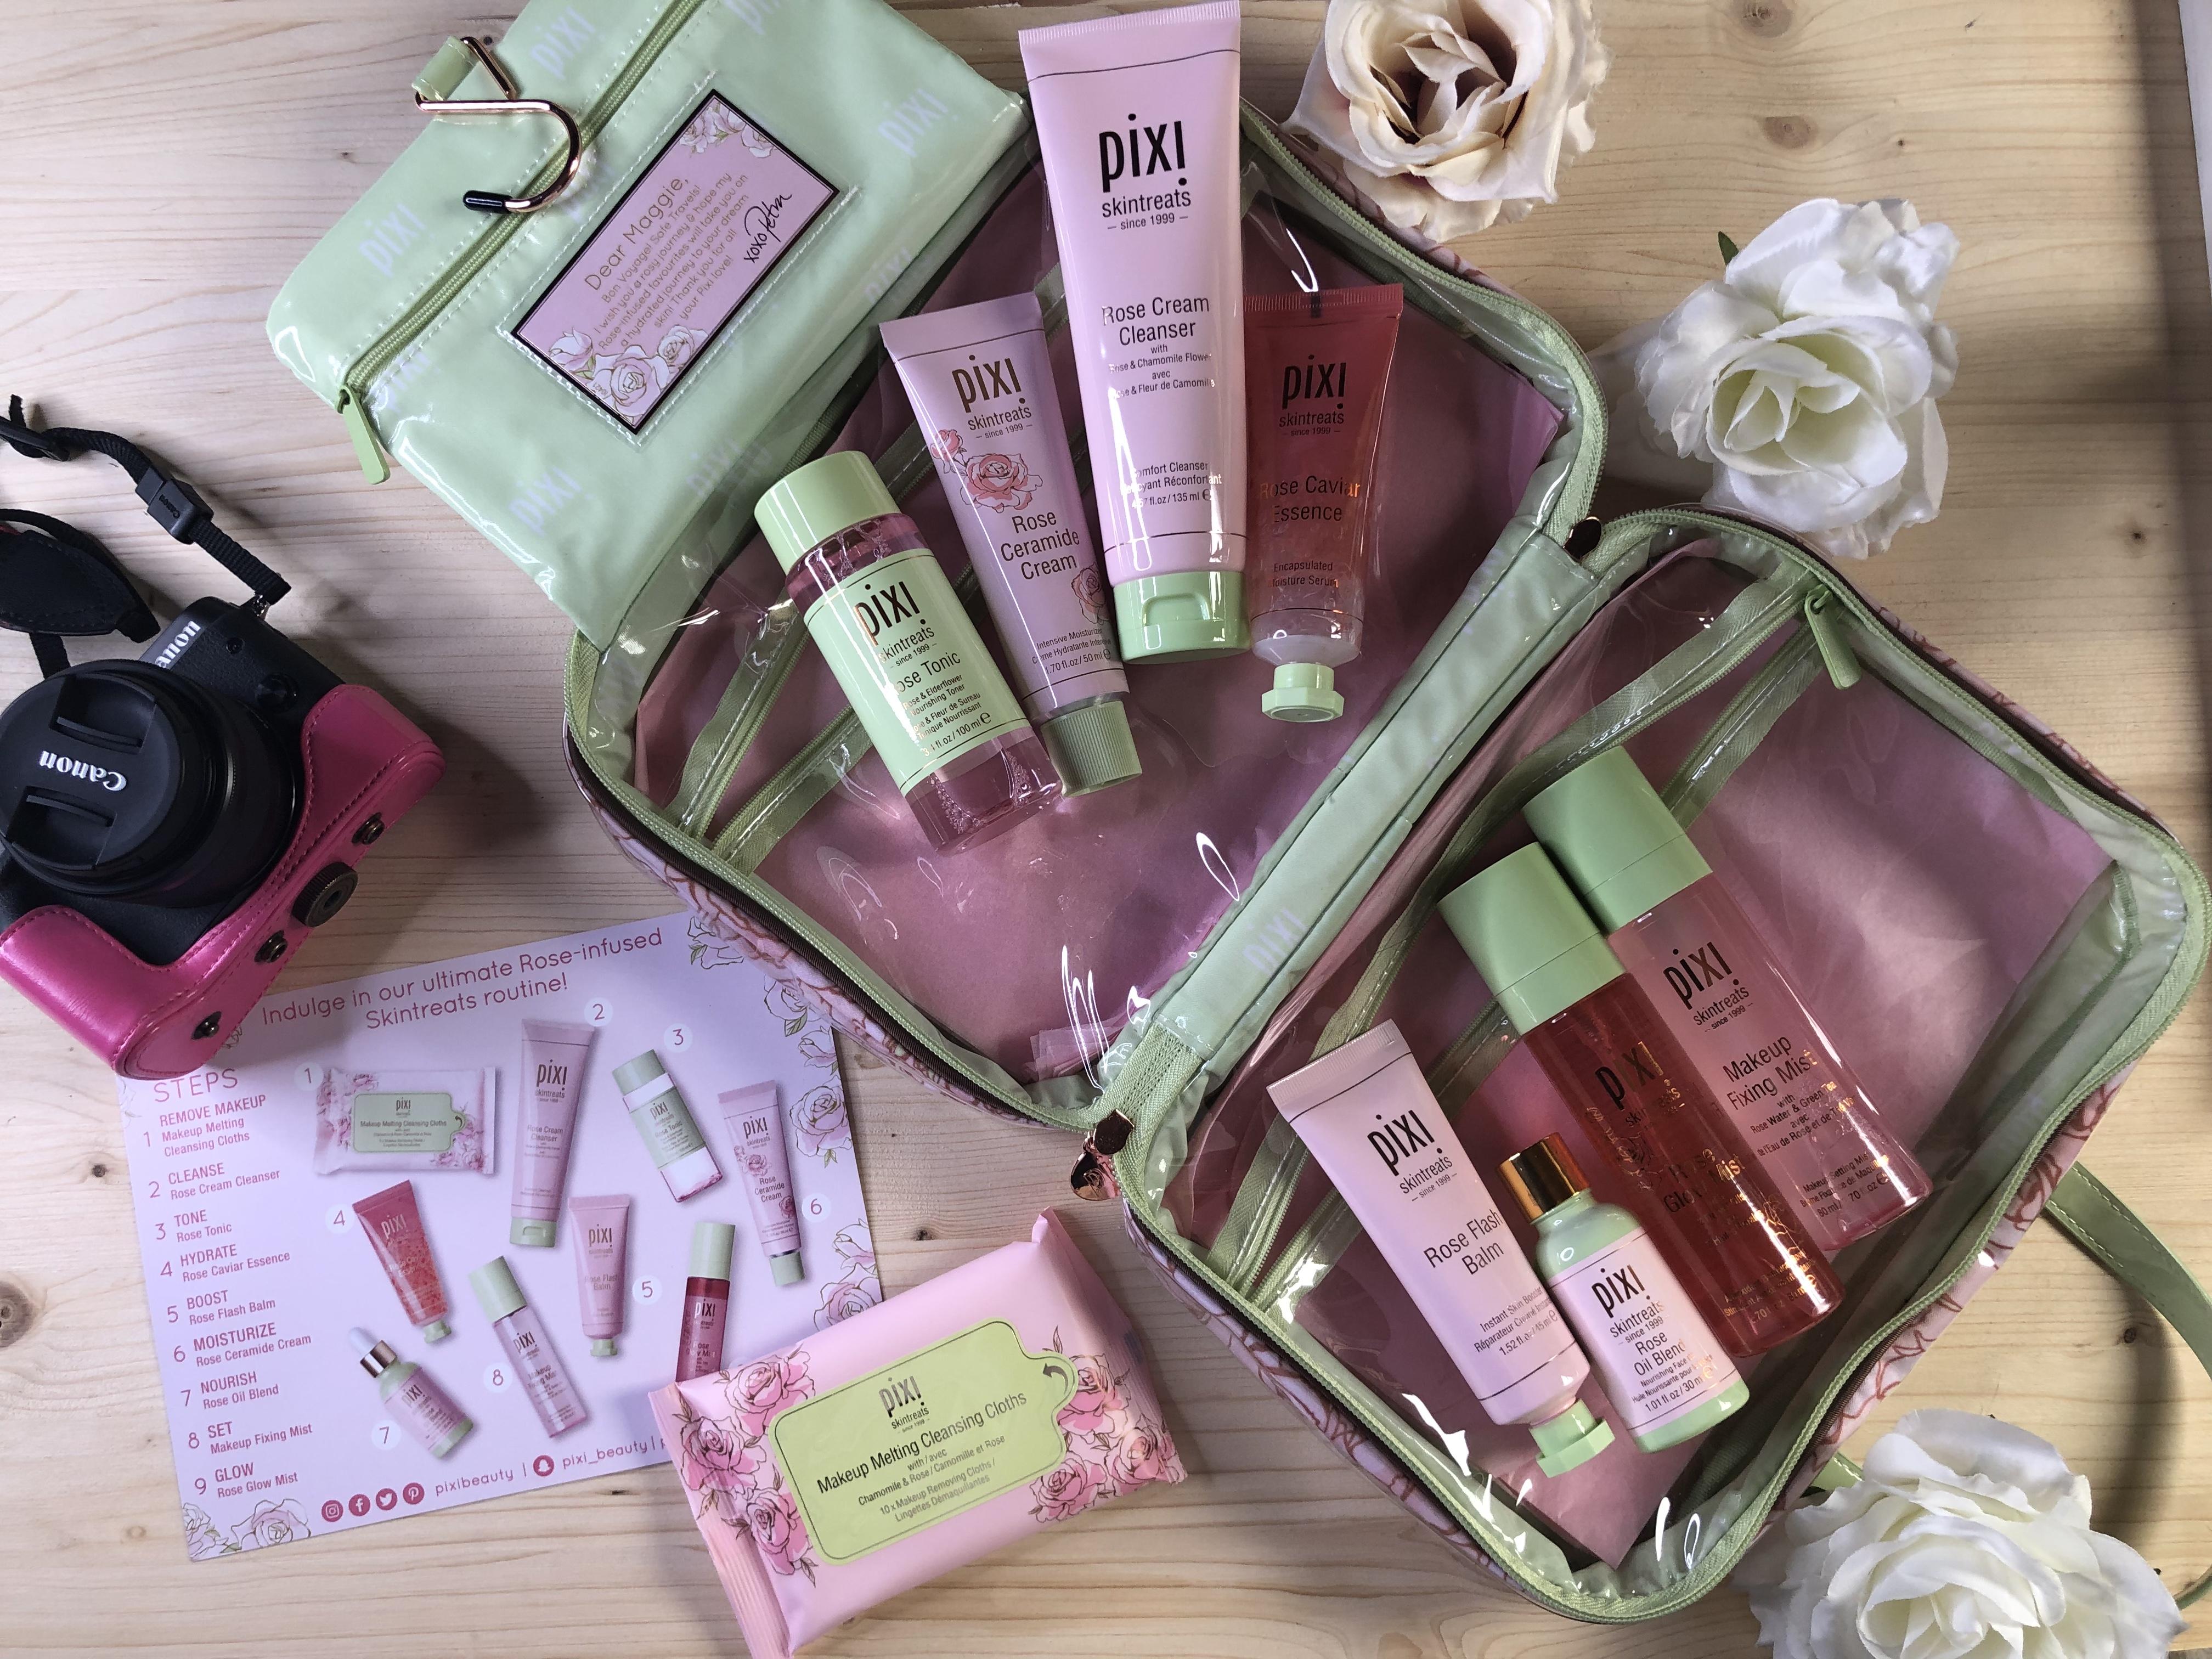 Dream skin con i favolosi Rose-infused di Pixi Cosmetics